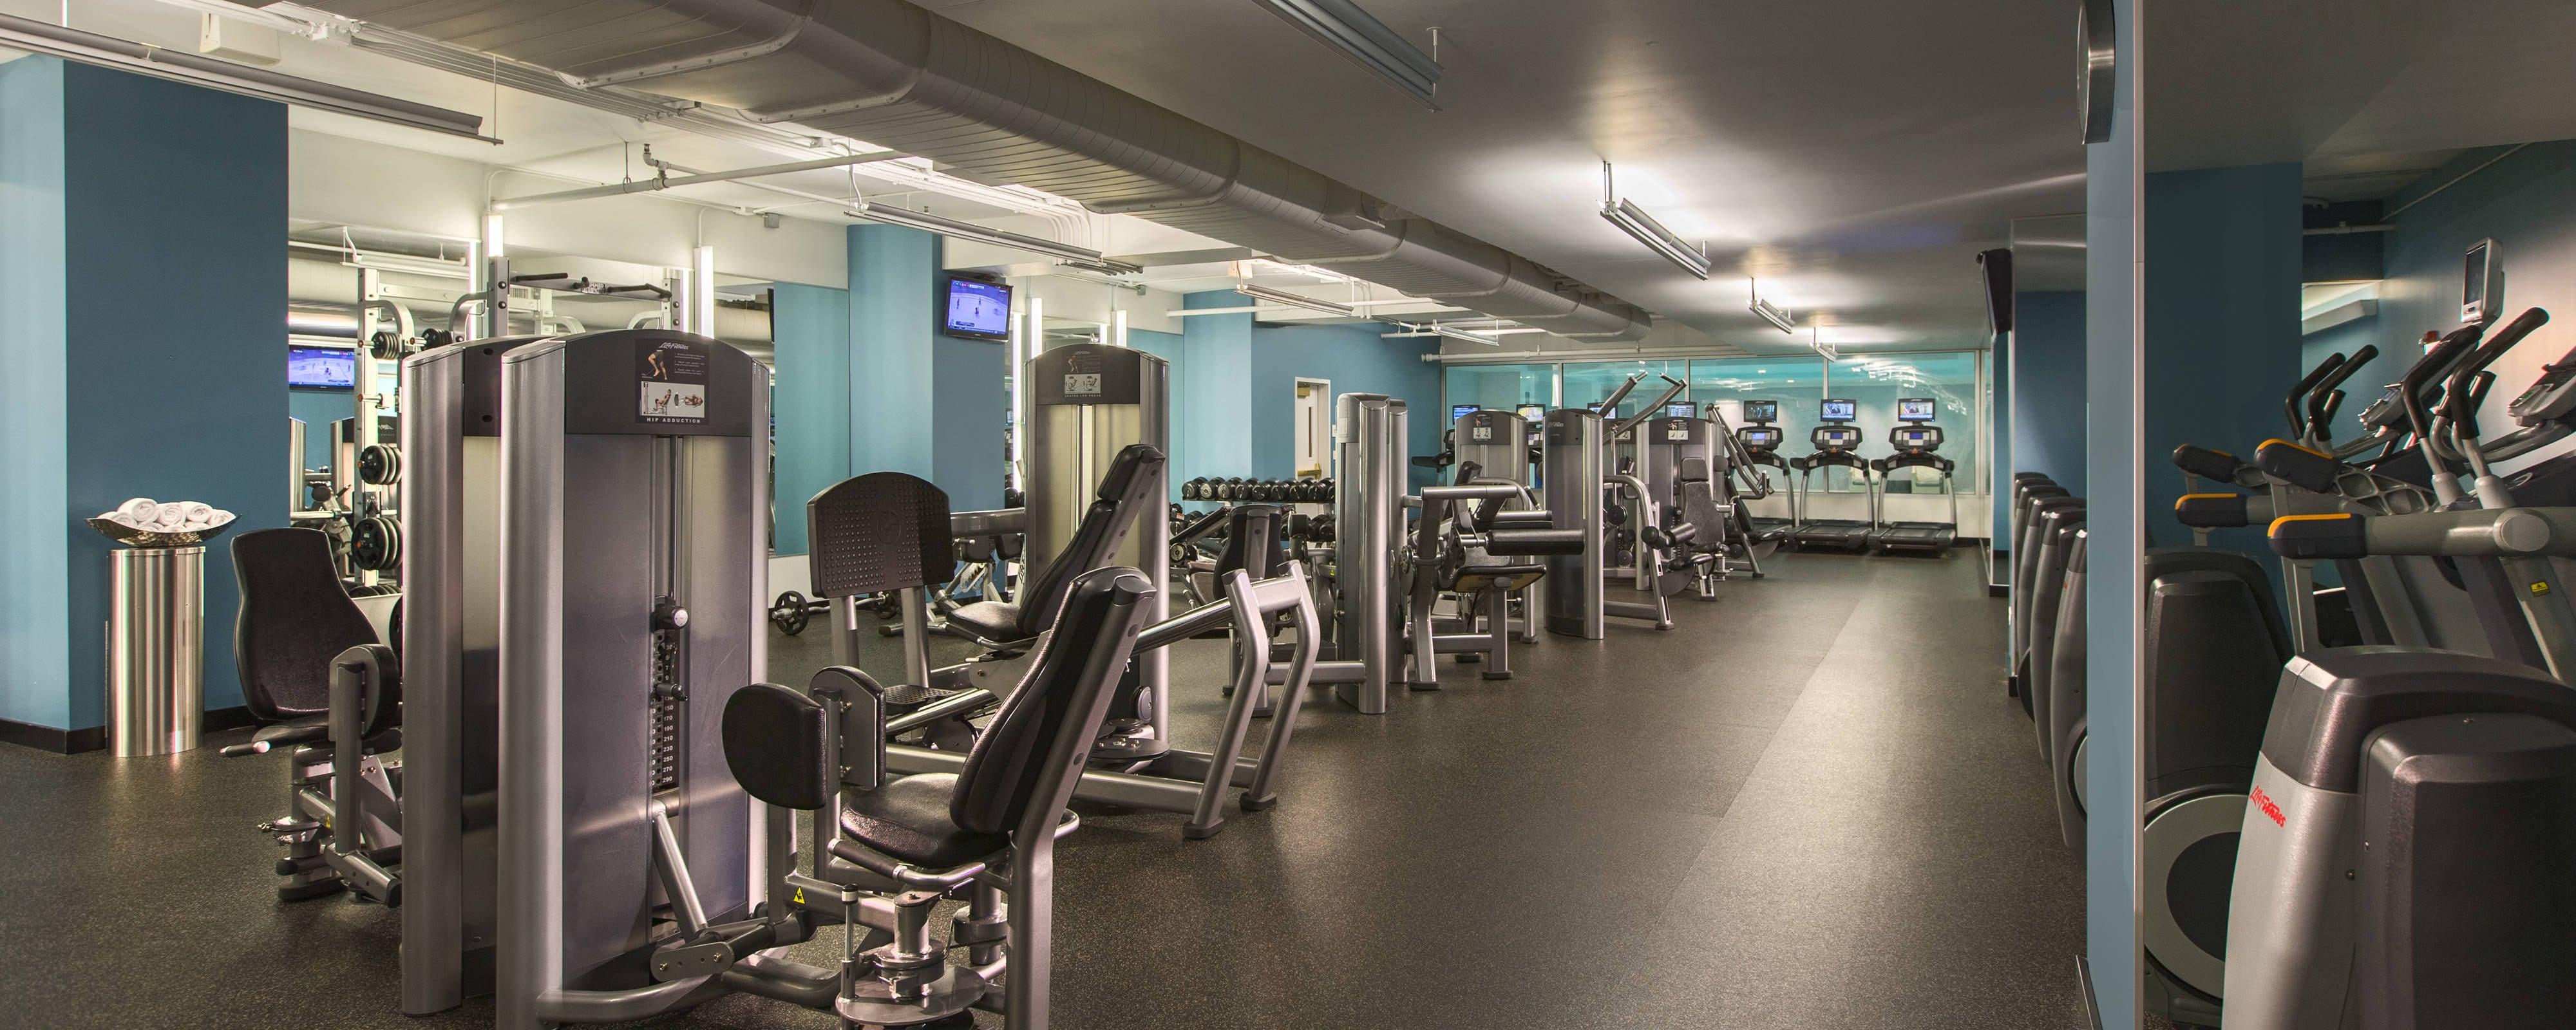 Chicago hotel gym fitness center jw marriott chicago